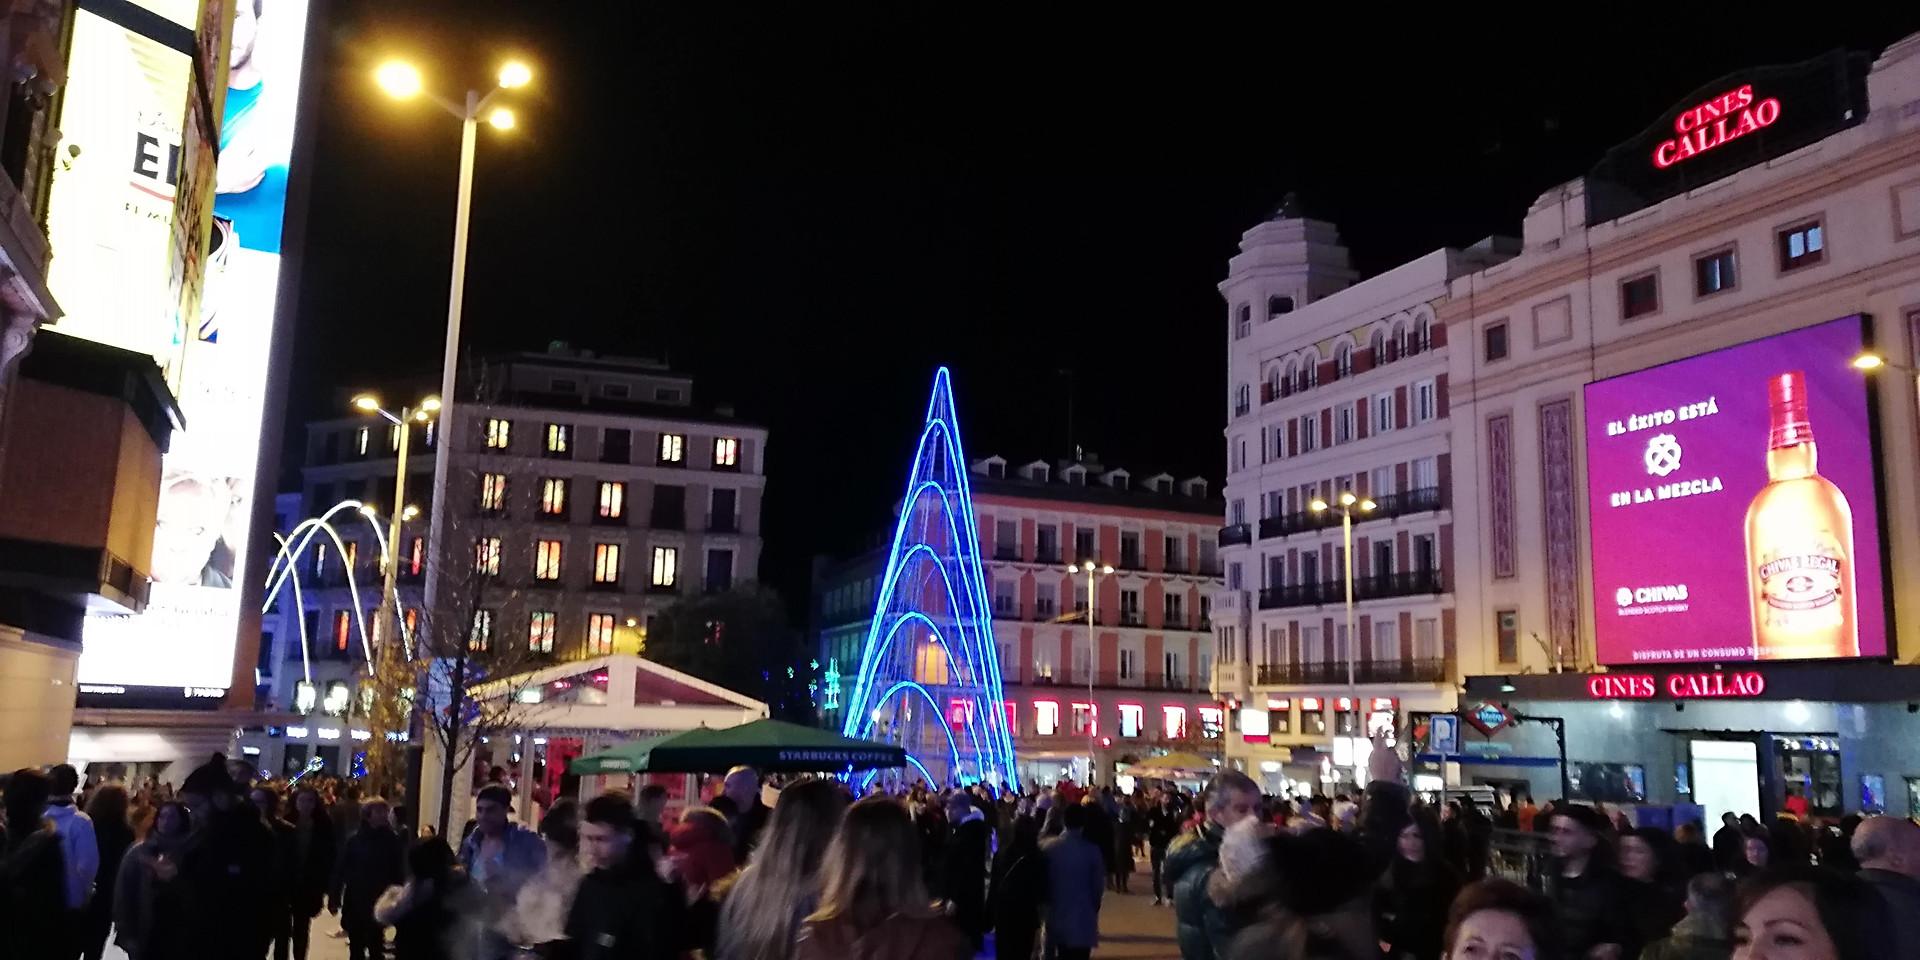 Pedro Arévalo foto: Plaza Callao.jpg